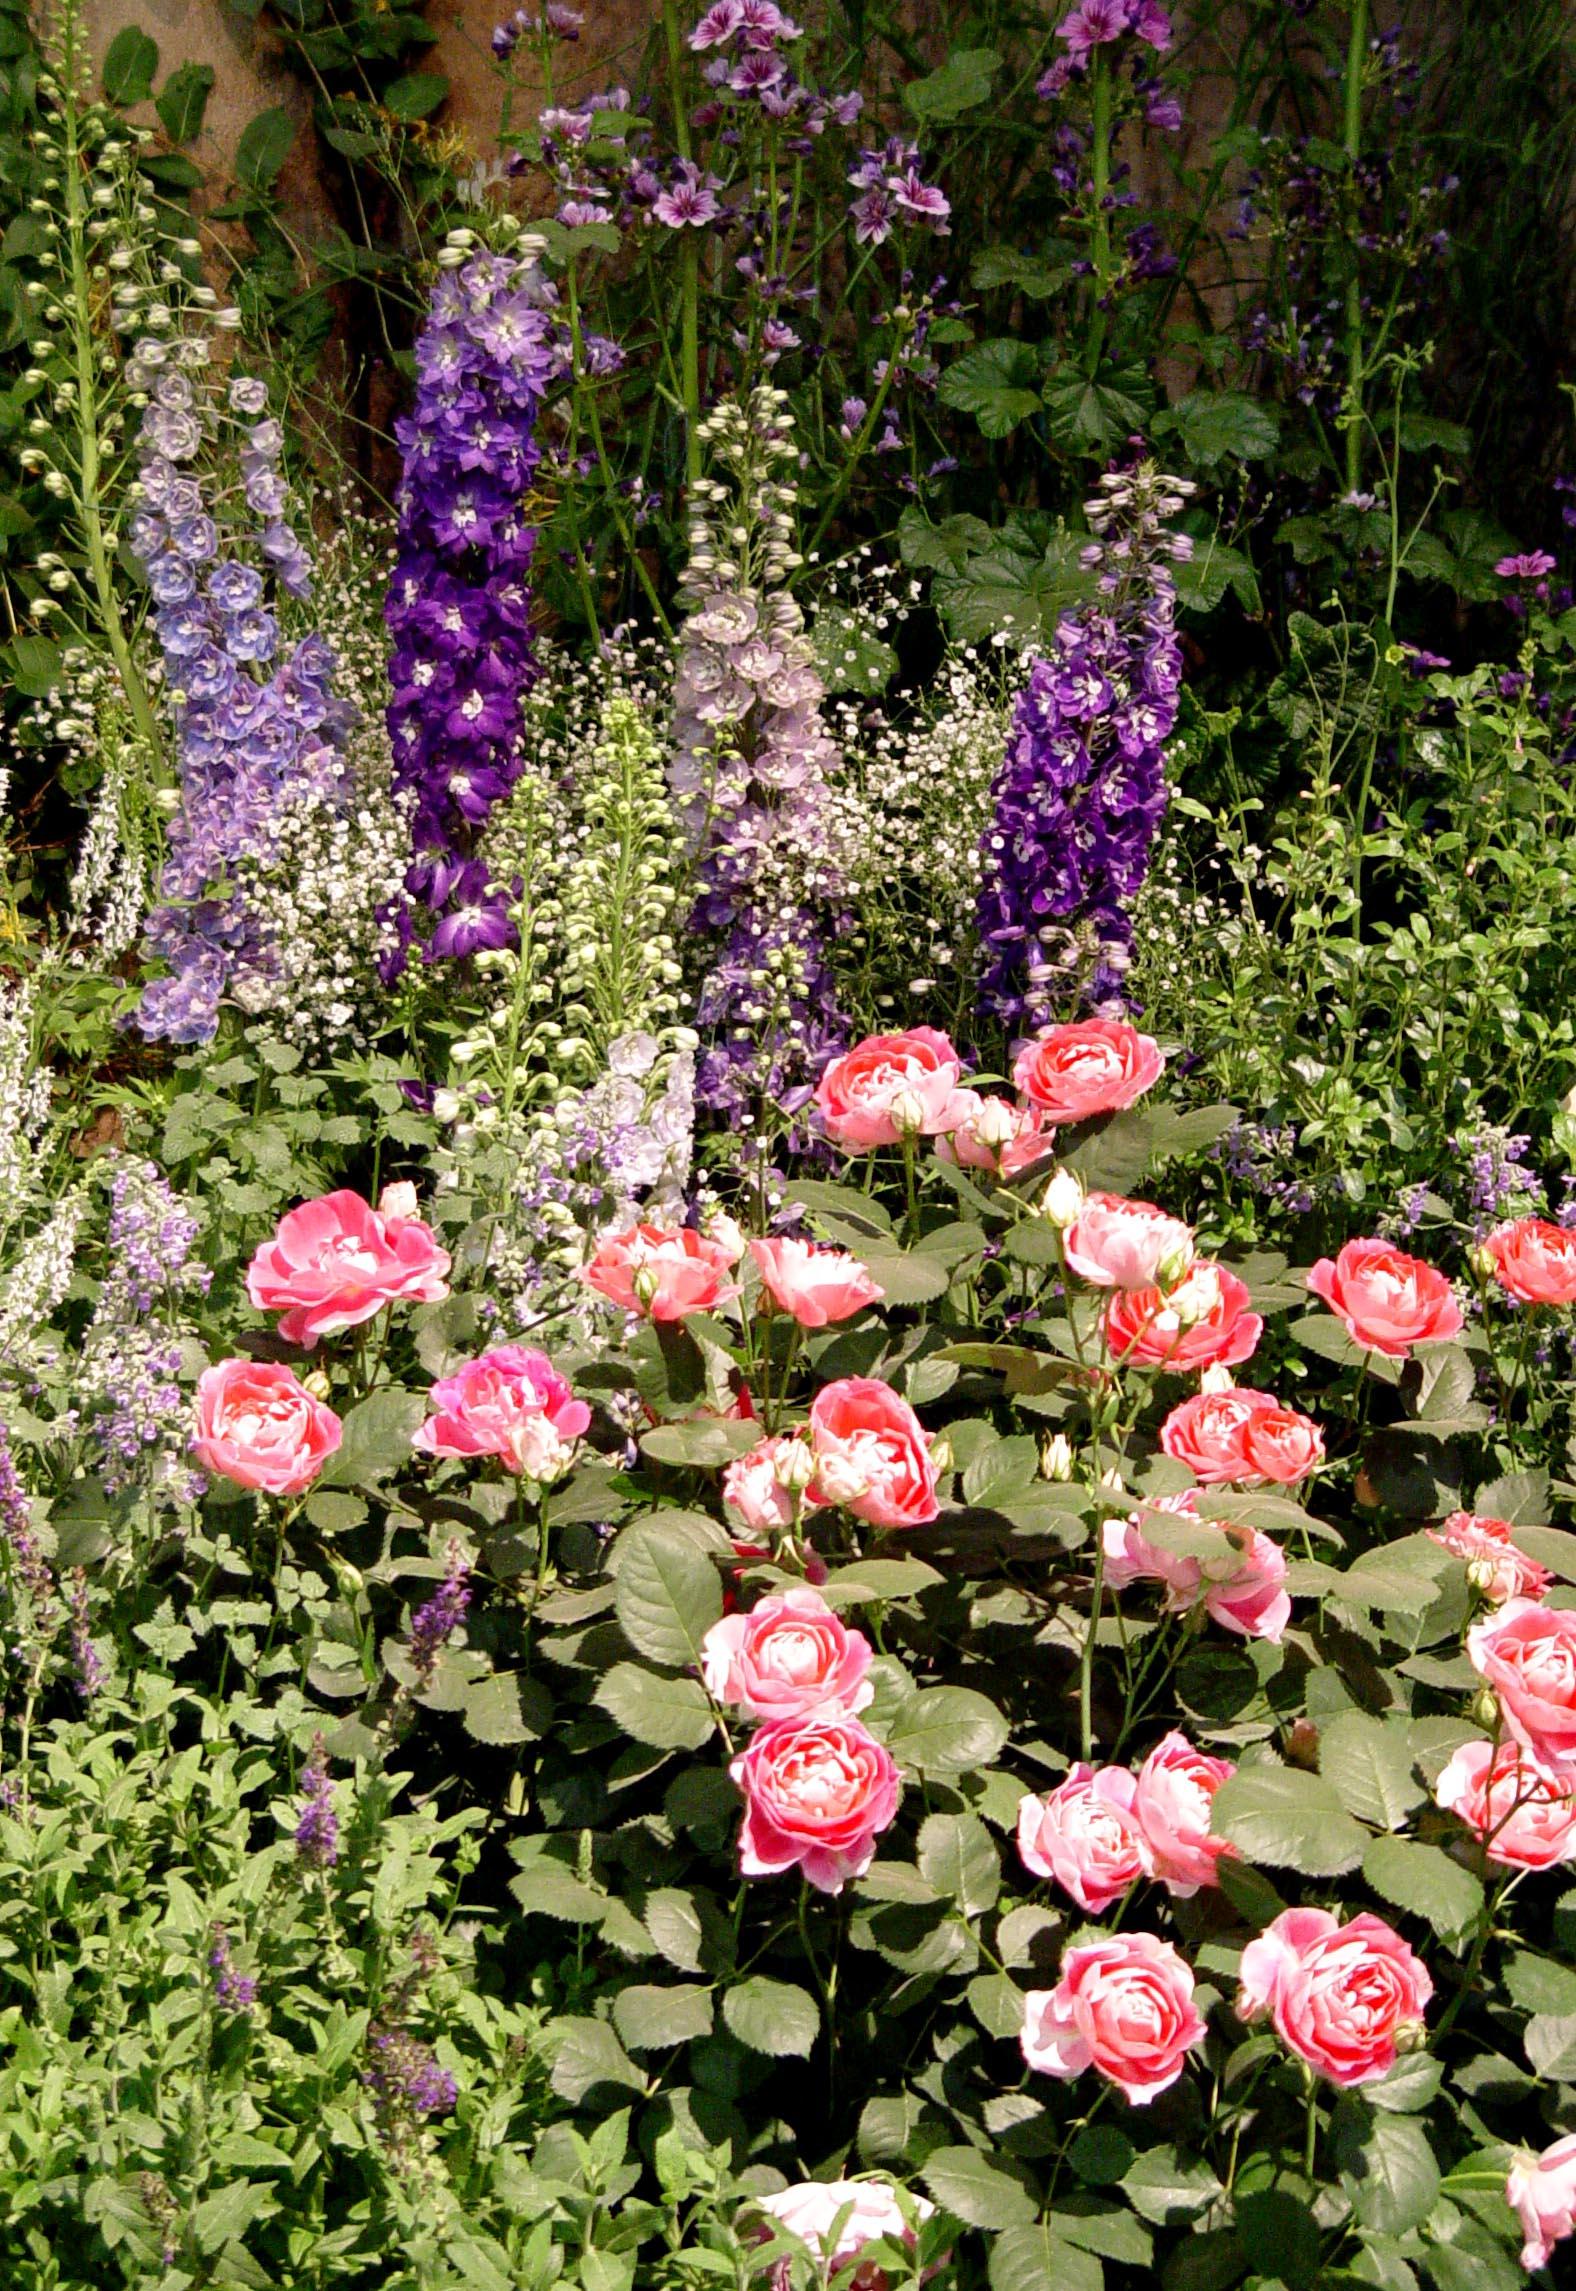 Roses In Garden: Nurturing The Gardening Gene